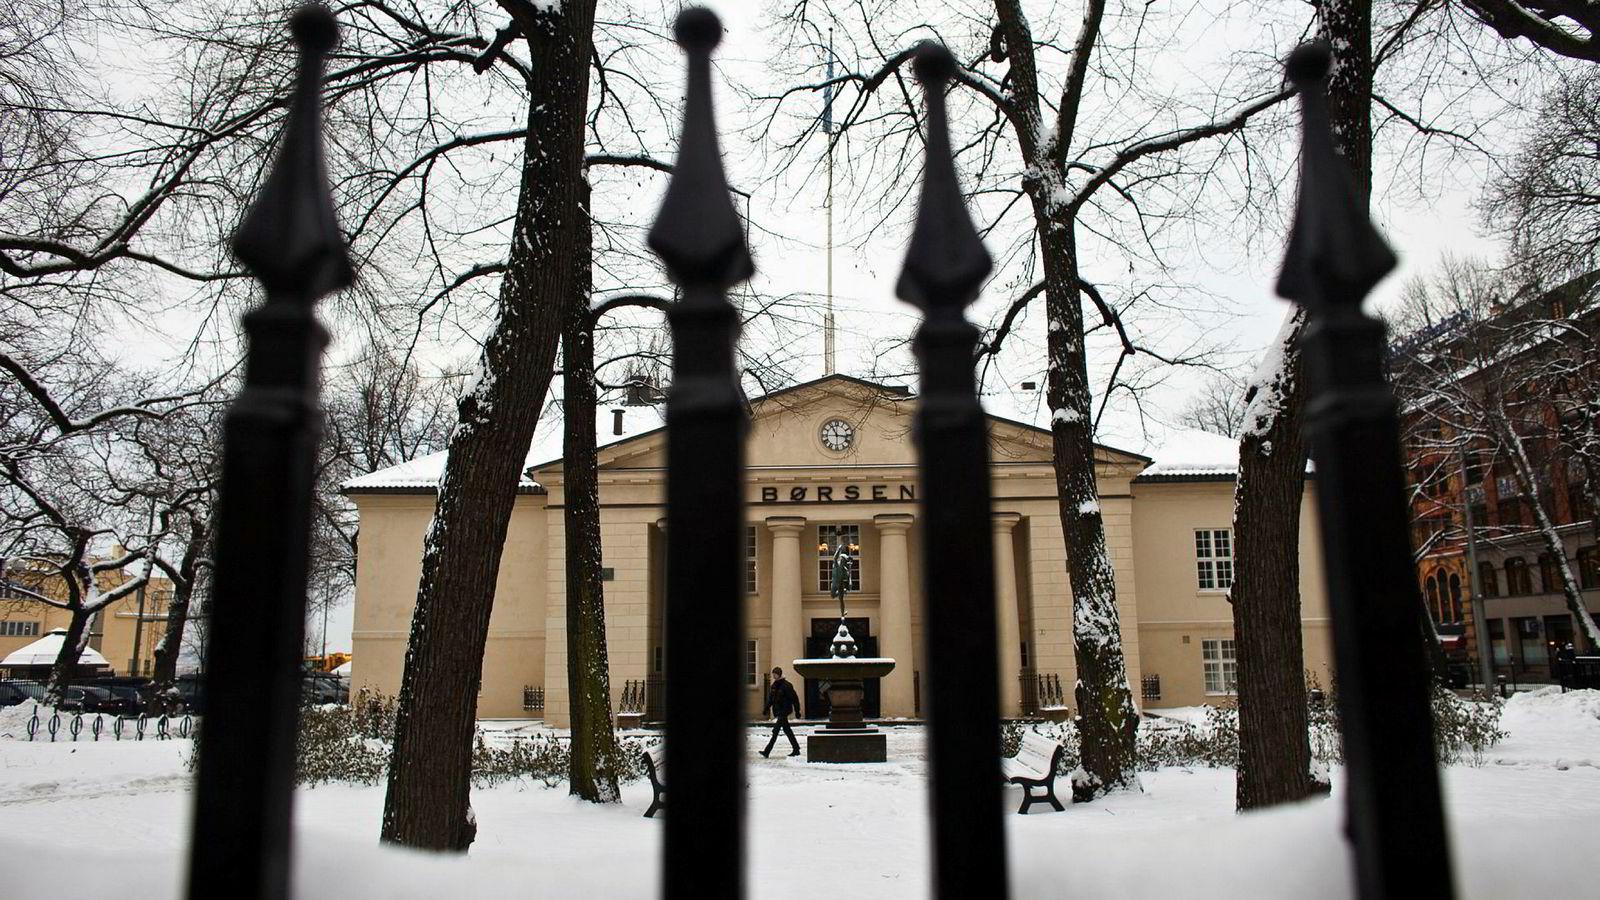 For å eie mer enn ti prosent av Oslo Børs må man ha godkjennelse fra finansminister Siv Jensen.